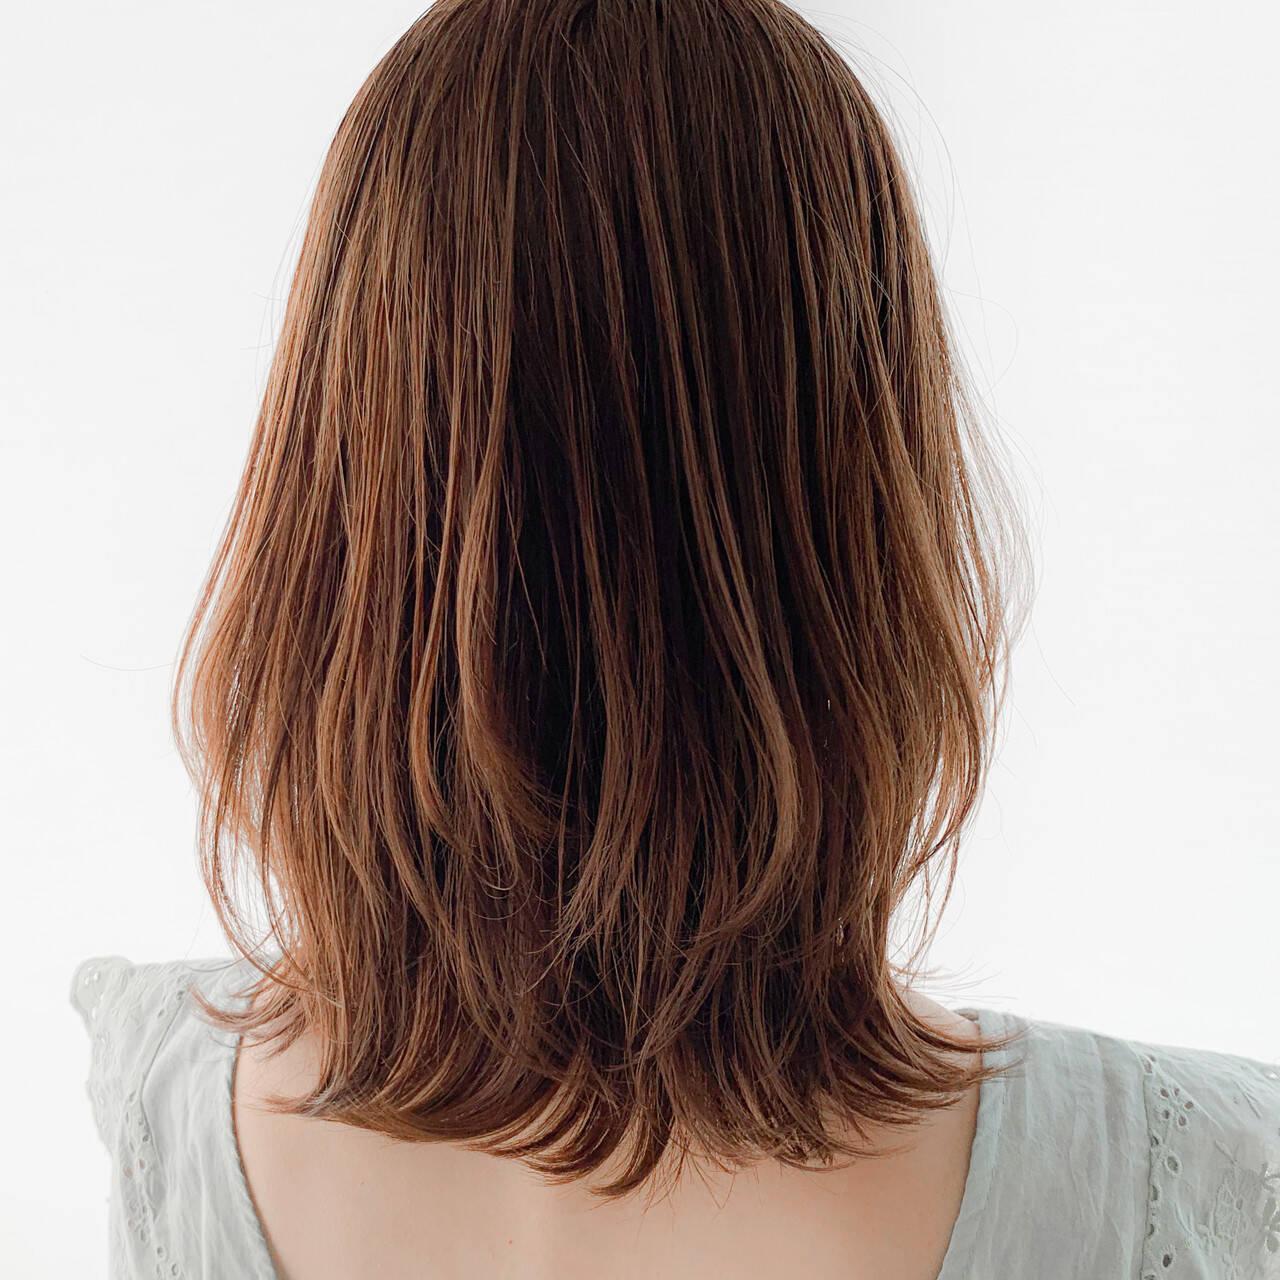 大人ミディアム イヤリングカラーベージュ 外国人風カラー ショートヘアヘアスタイルや髪型の写真・画像